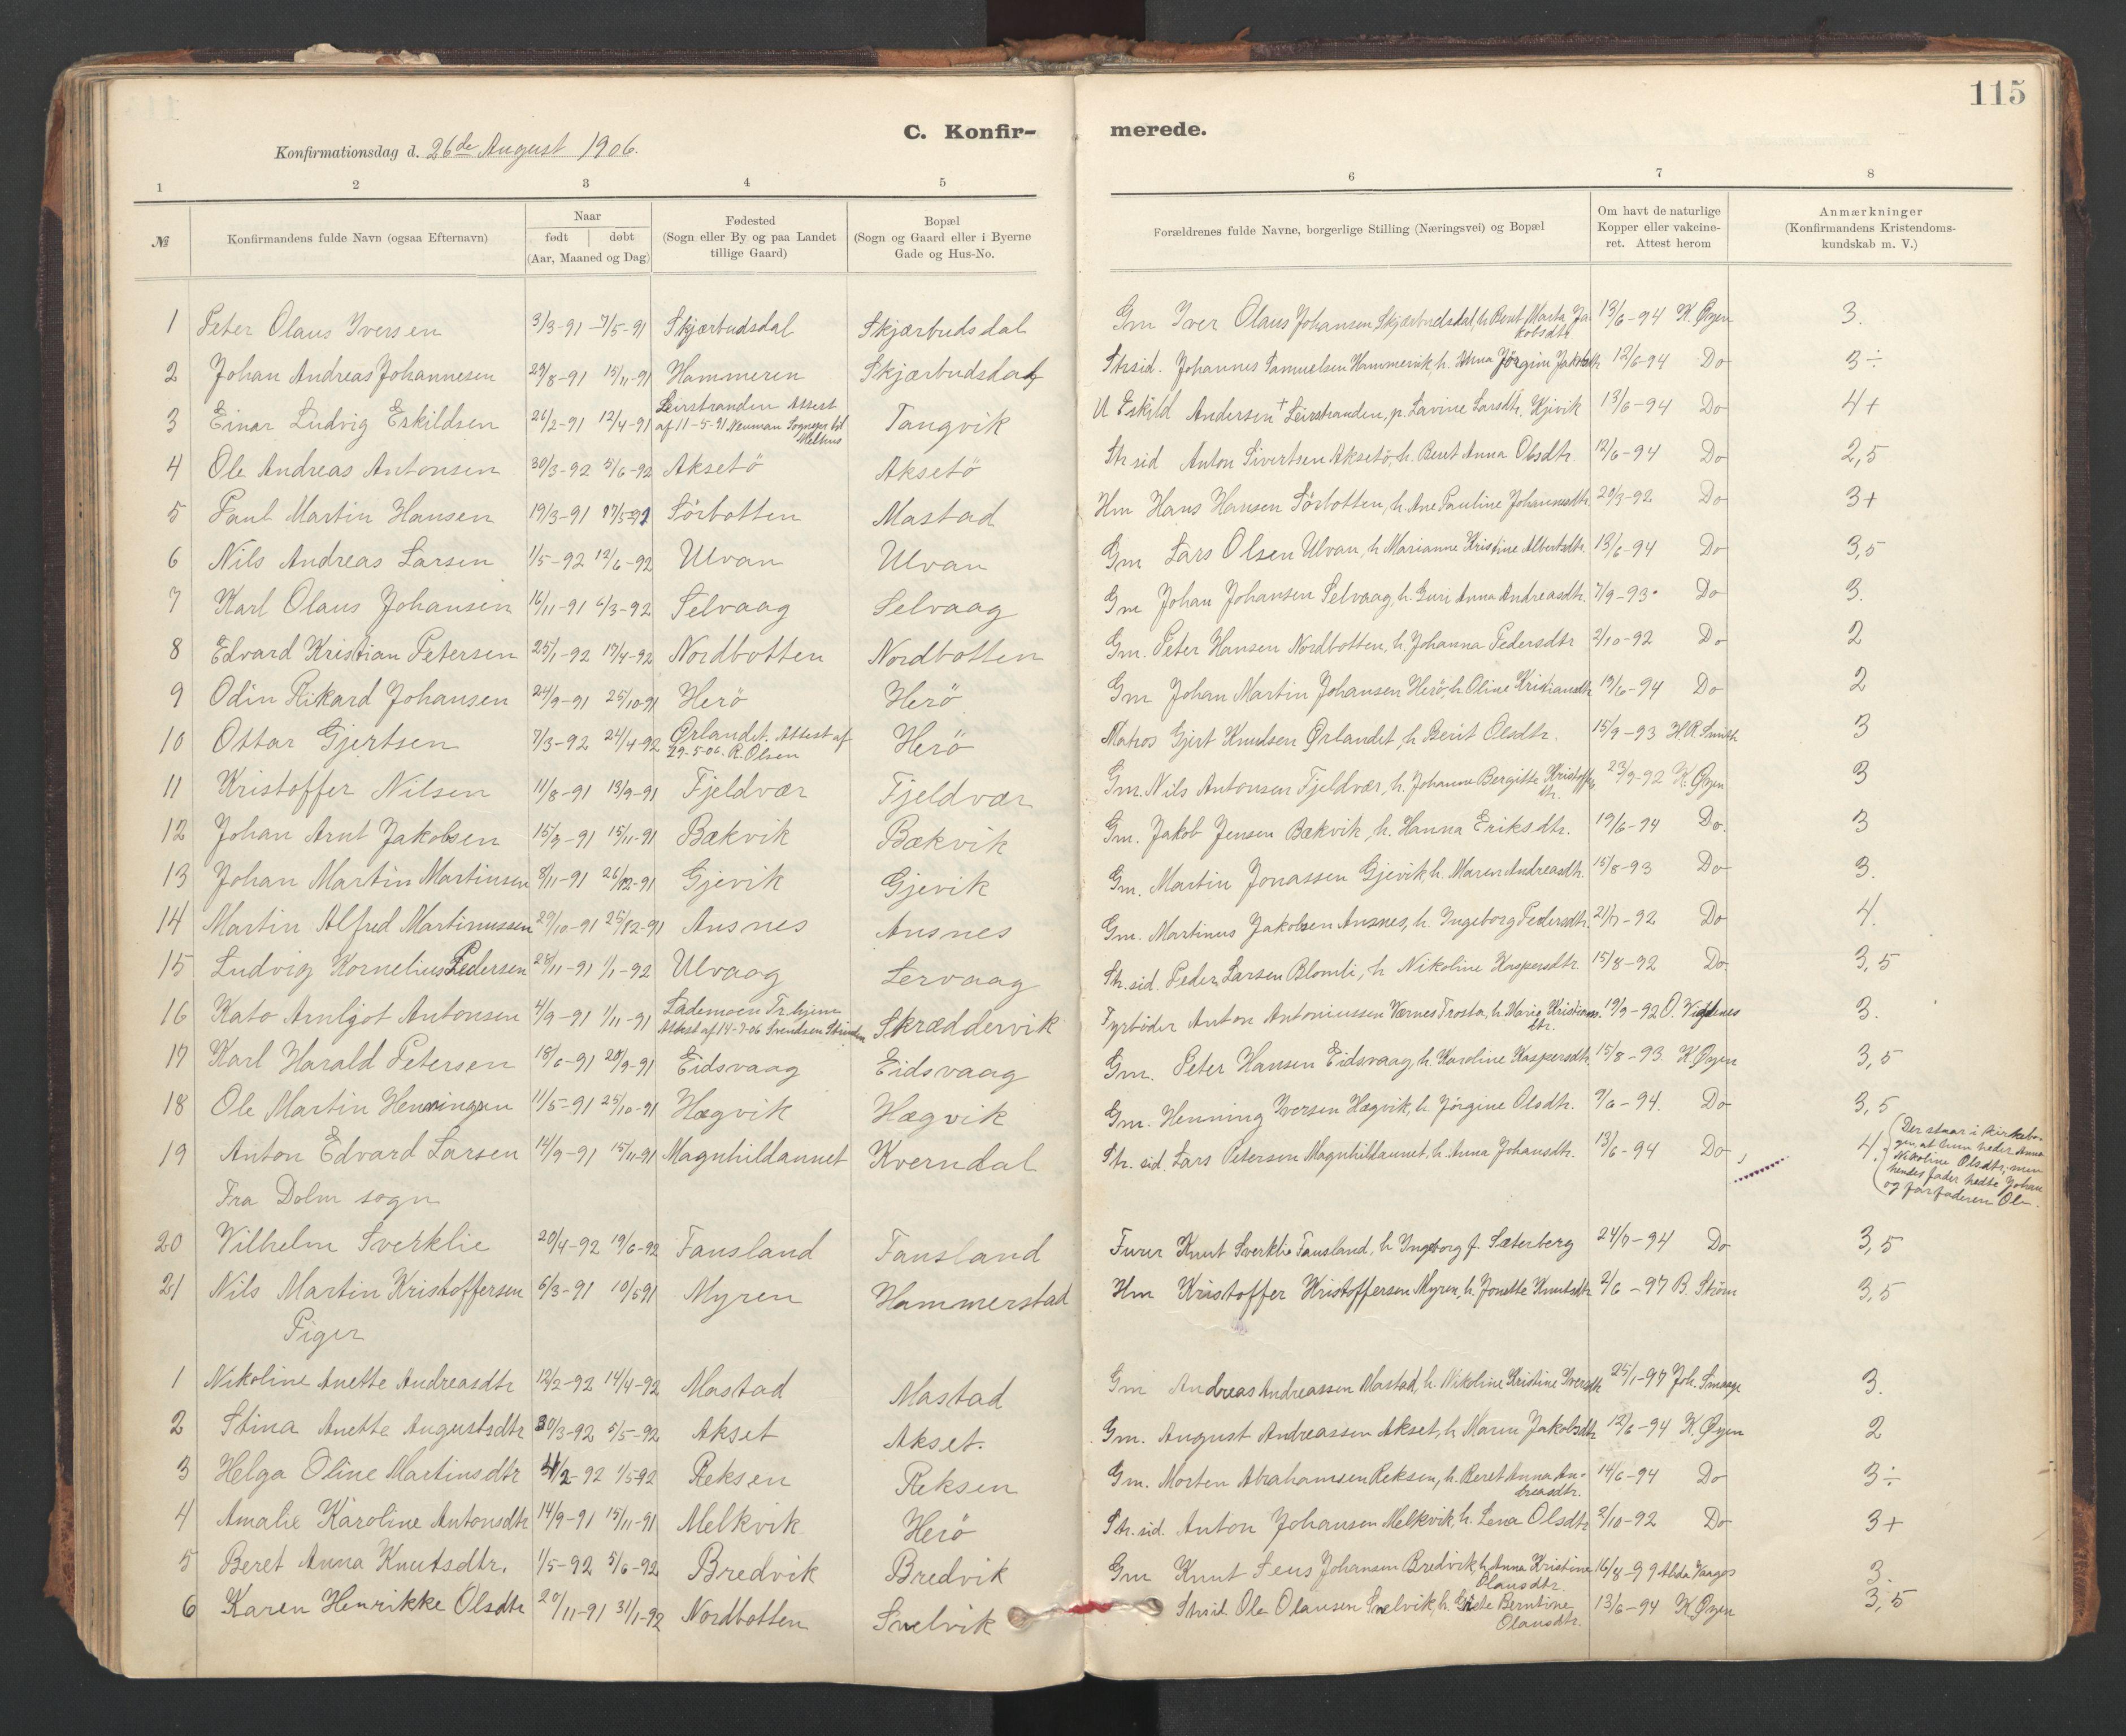 SAT, Ministerialprotokoller, klokkerbøker og fødselsregistre - Sør-Trøndelag, 637/L0559: Ministerialbok nr. 637A02, 1899-1923, s. 115